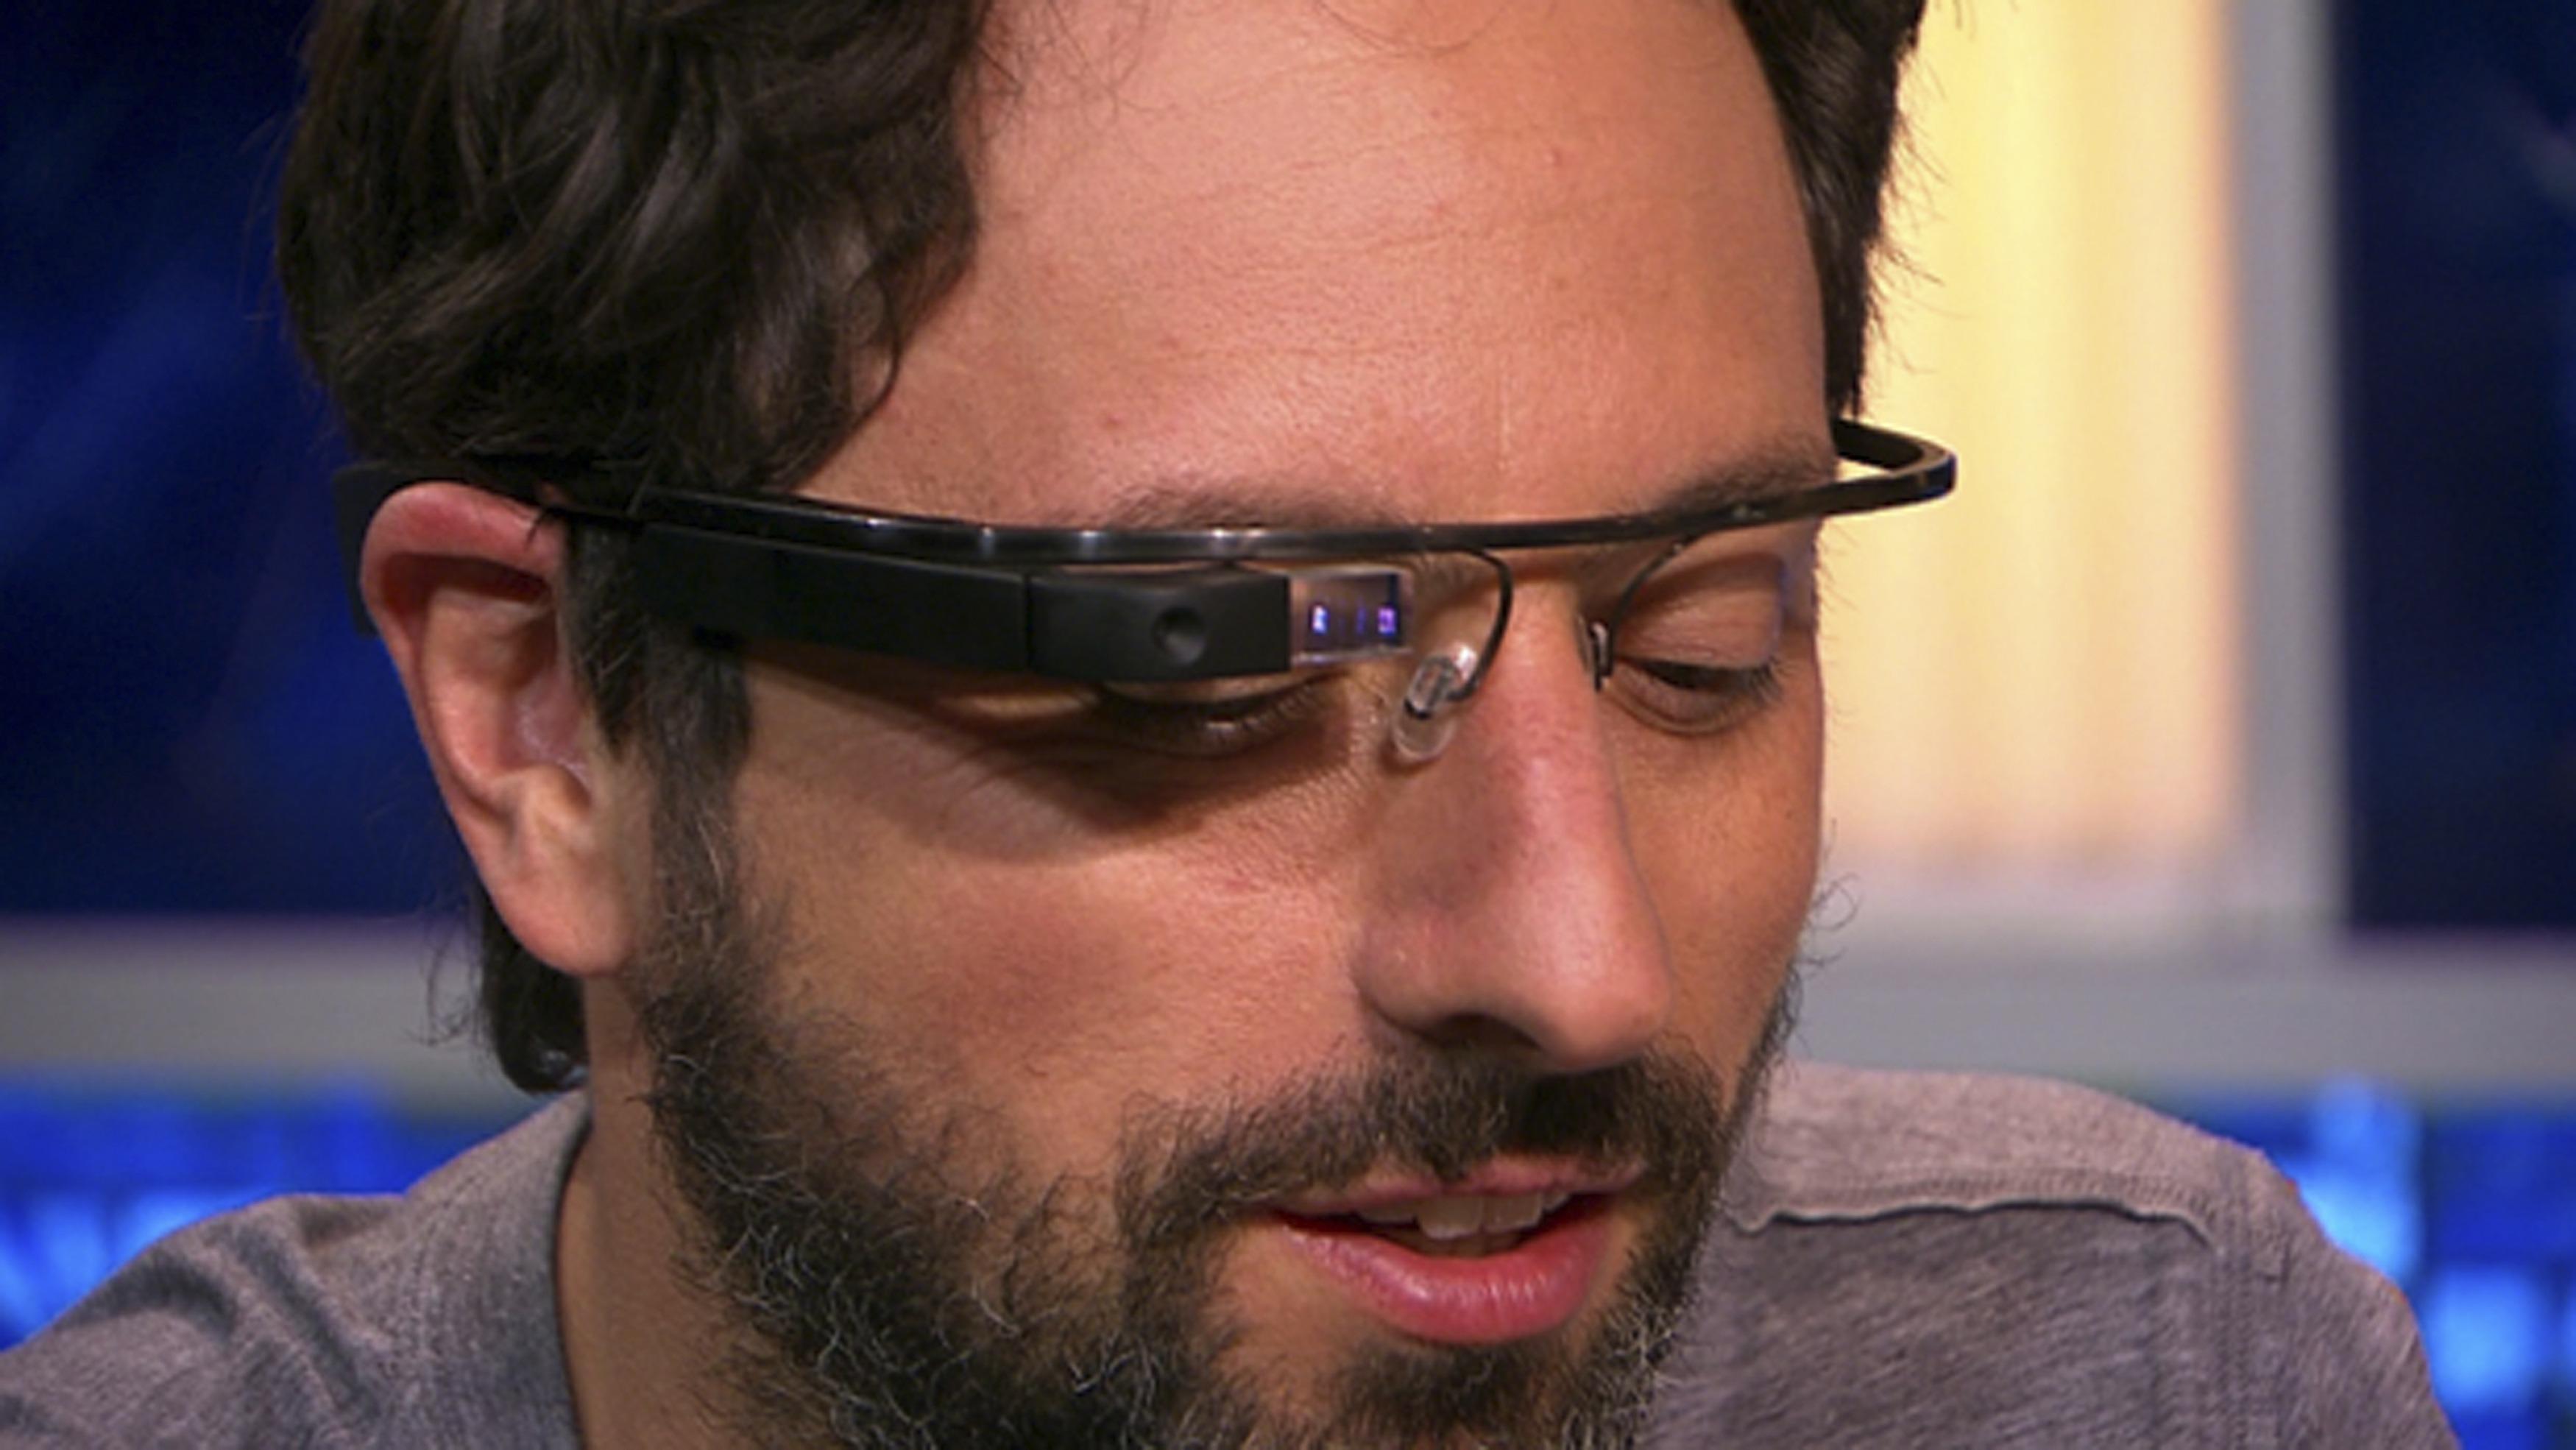 Očitno so Googlova čudežna očala le še vprašanje časa.